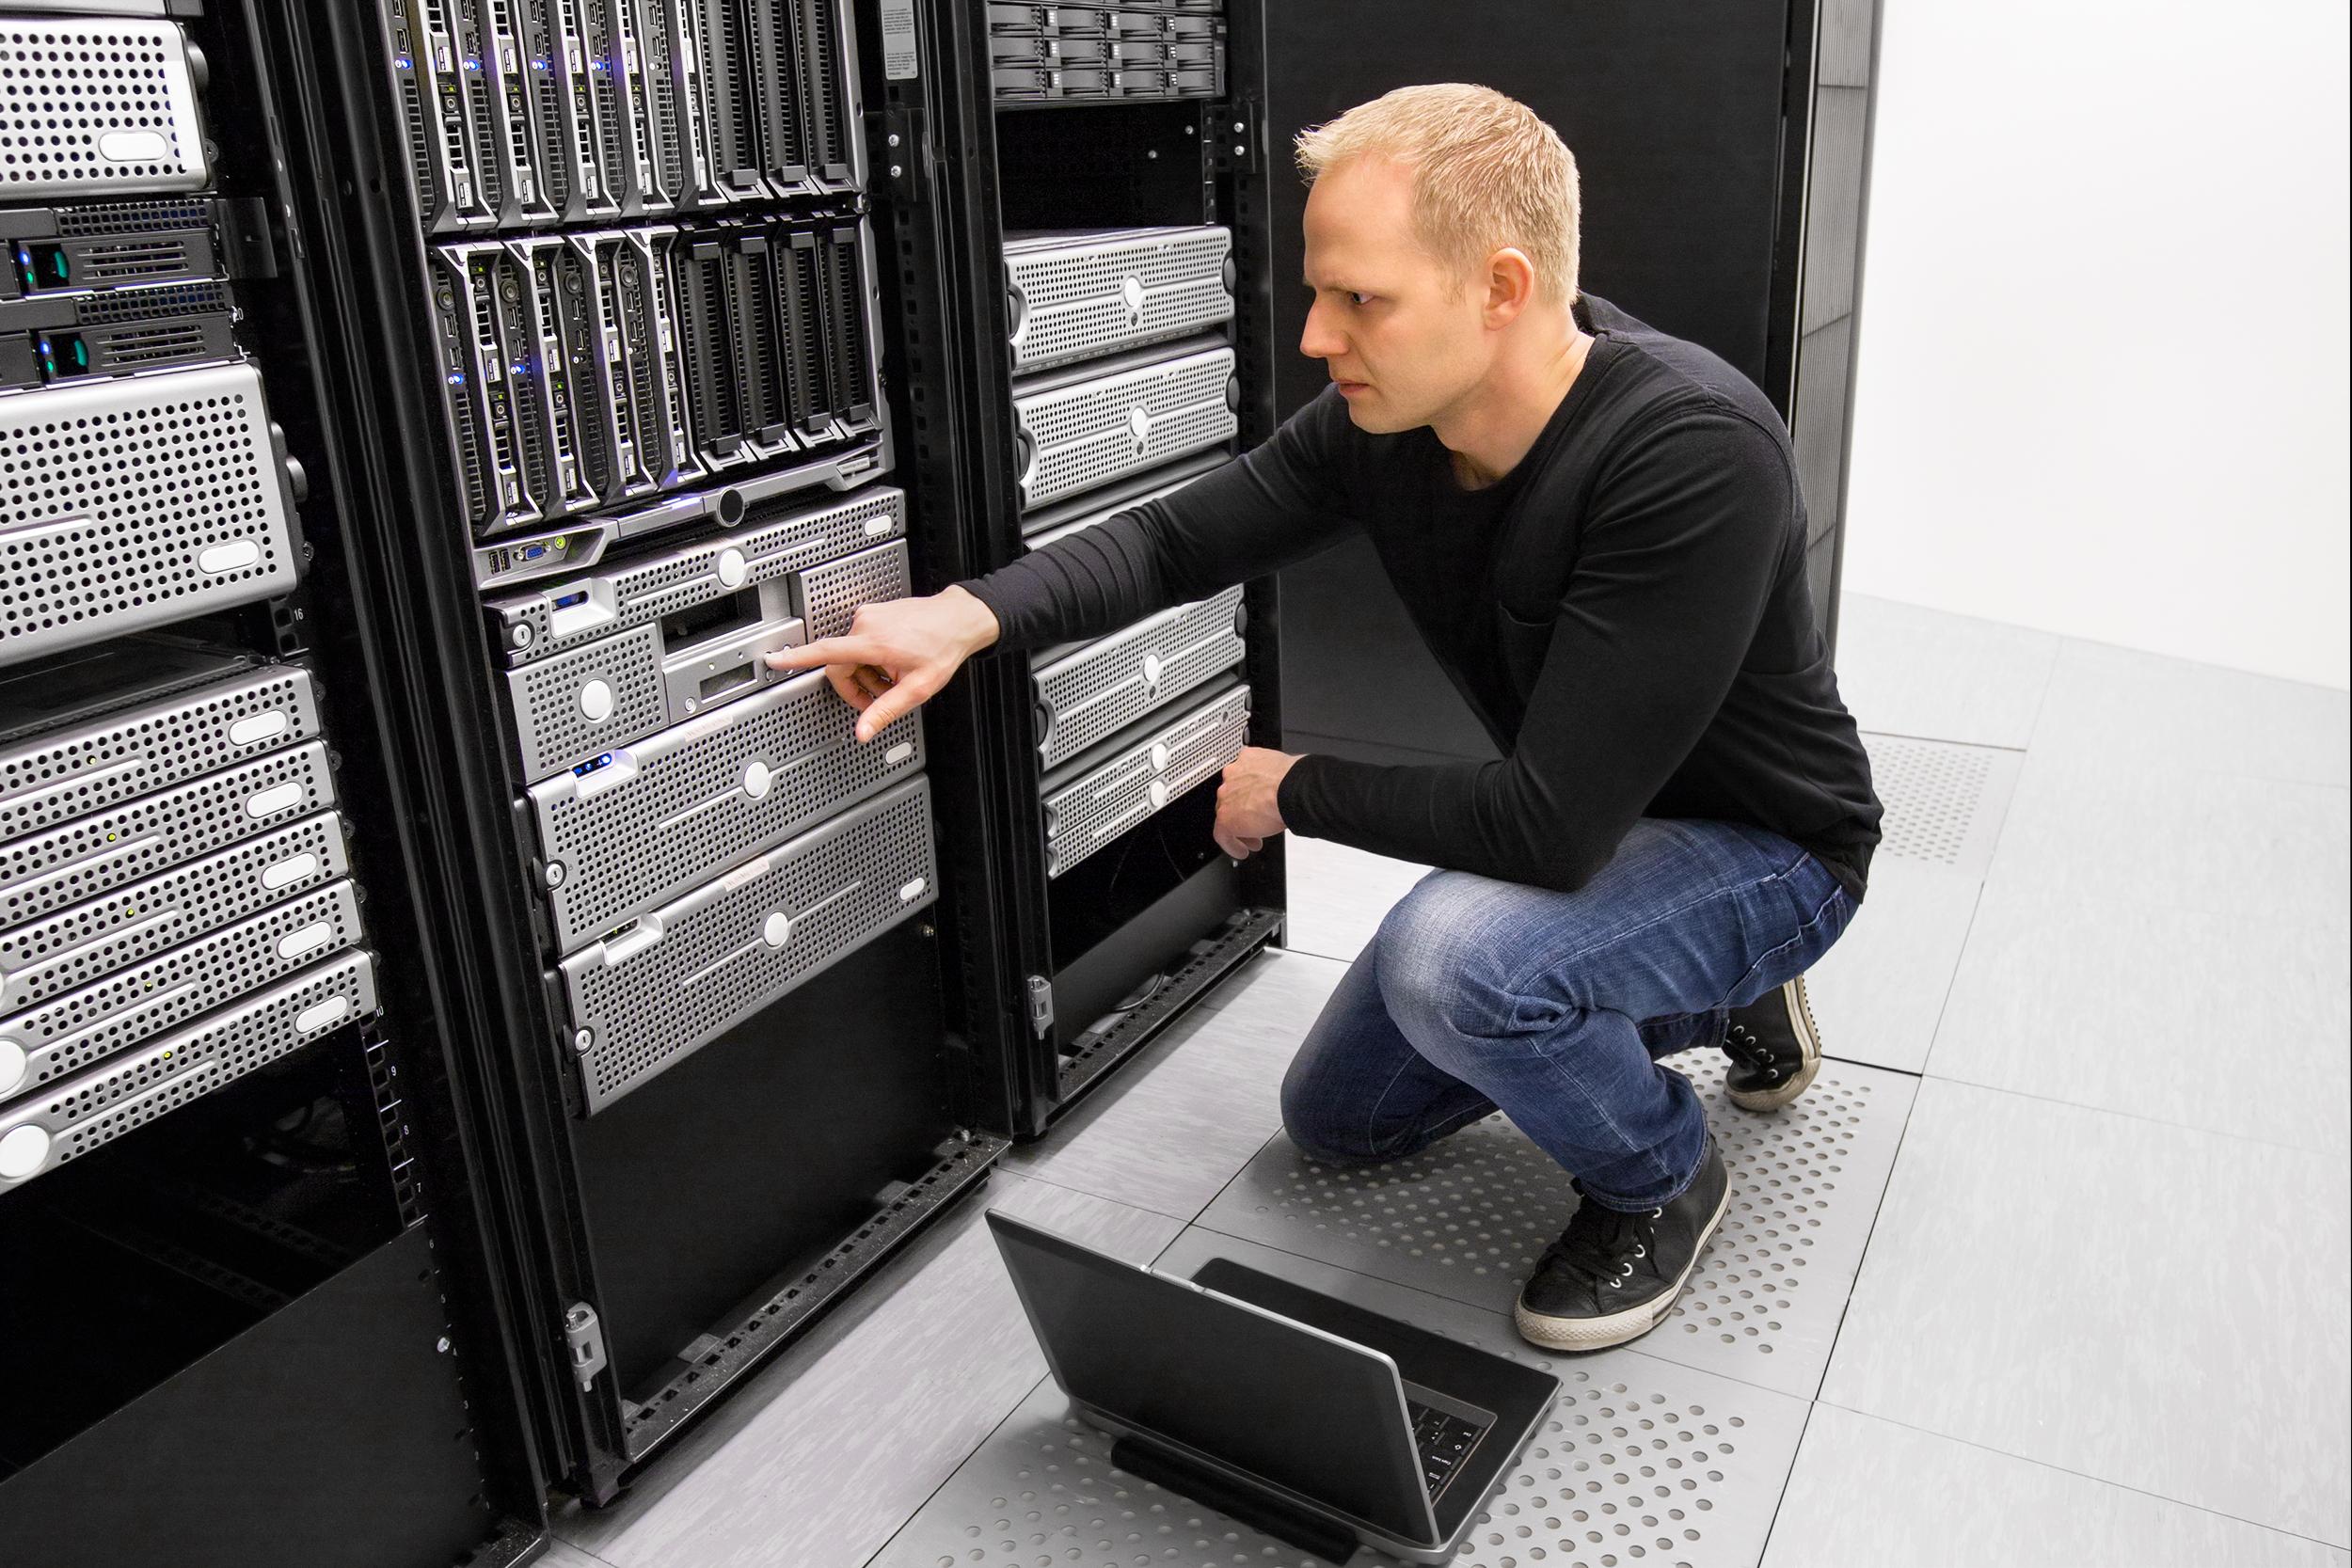 7 puntos a tener en cuenta para asegurar su data center